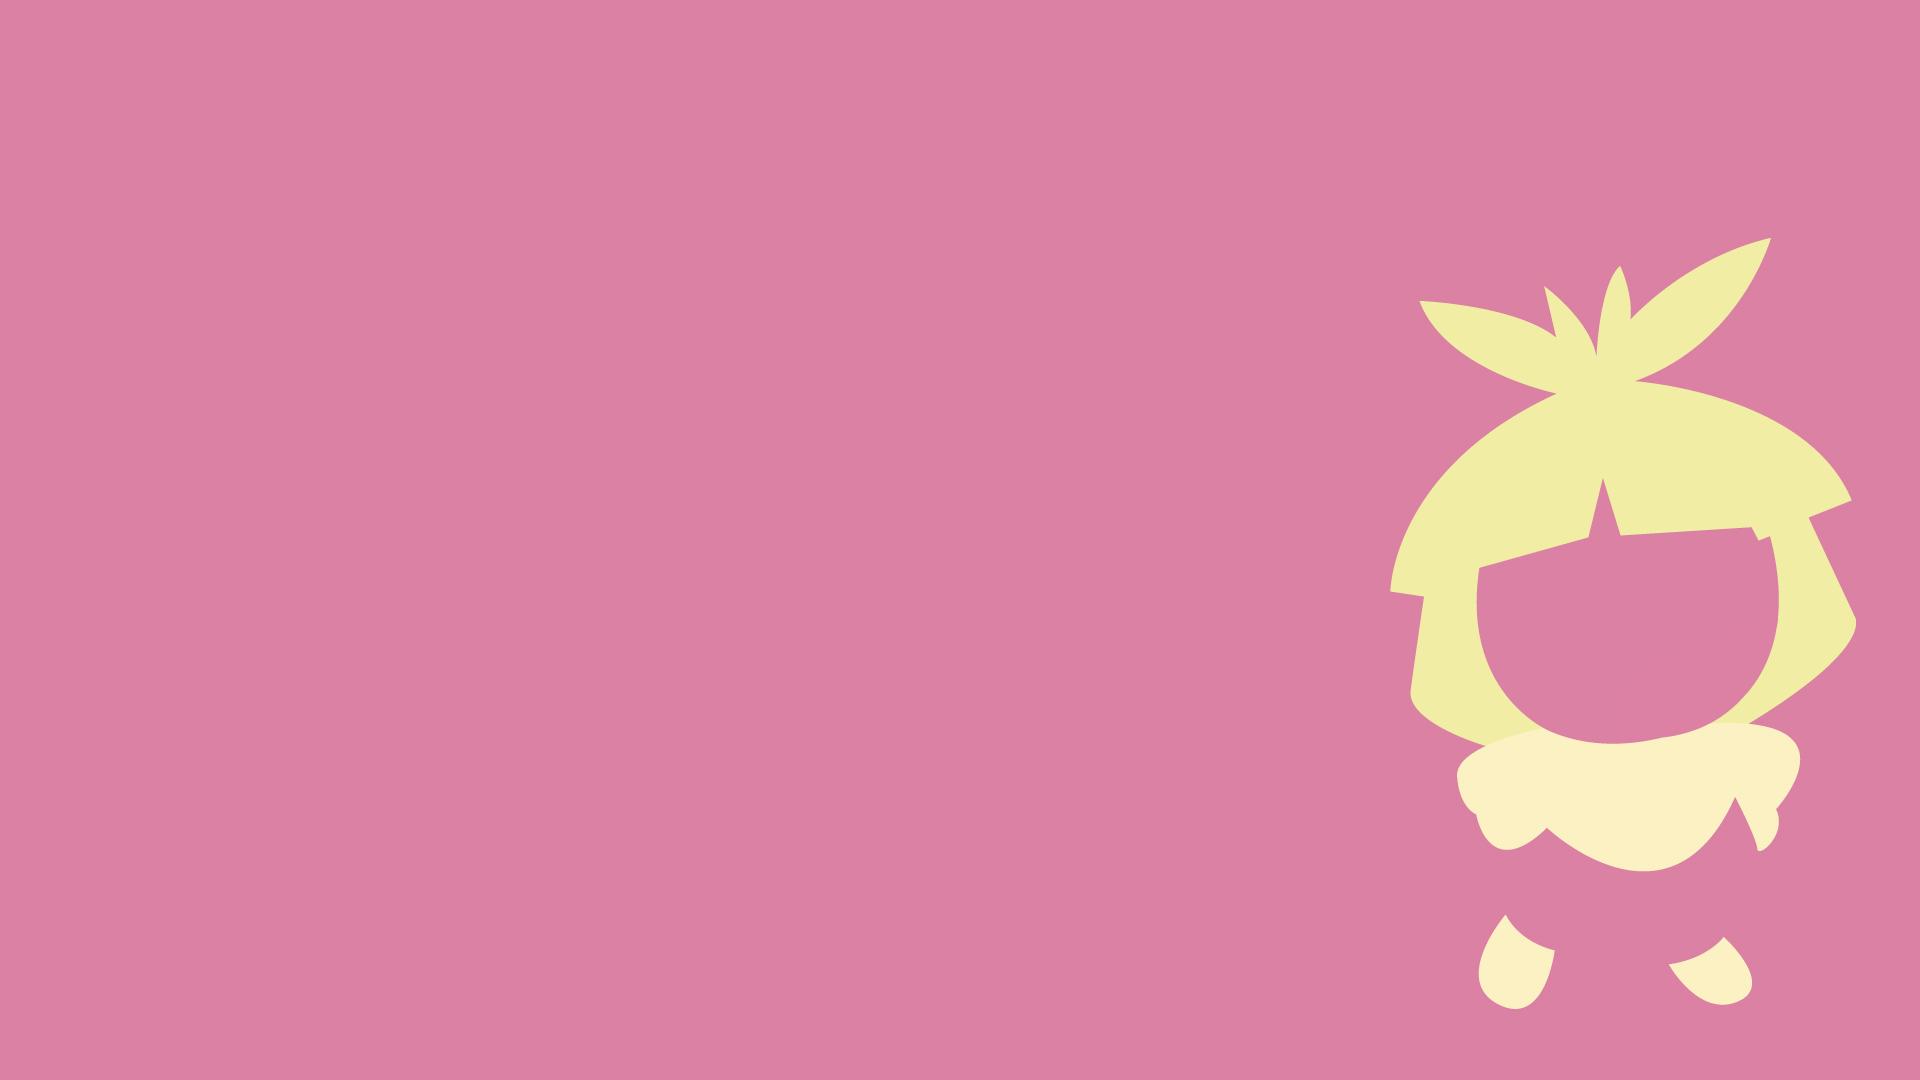 Smoochum Background